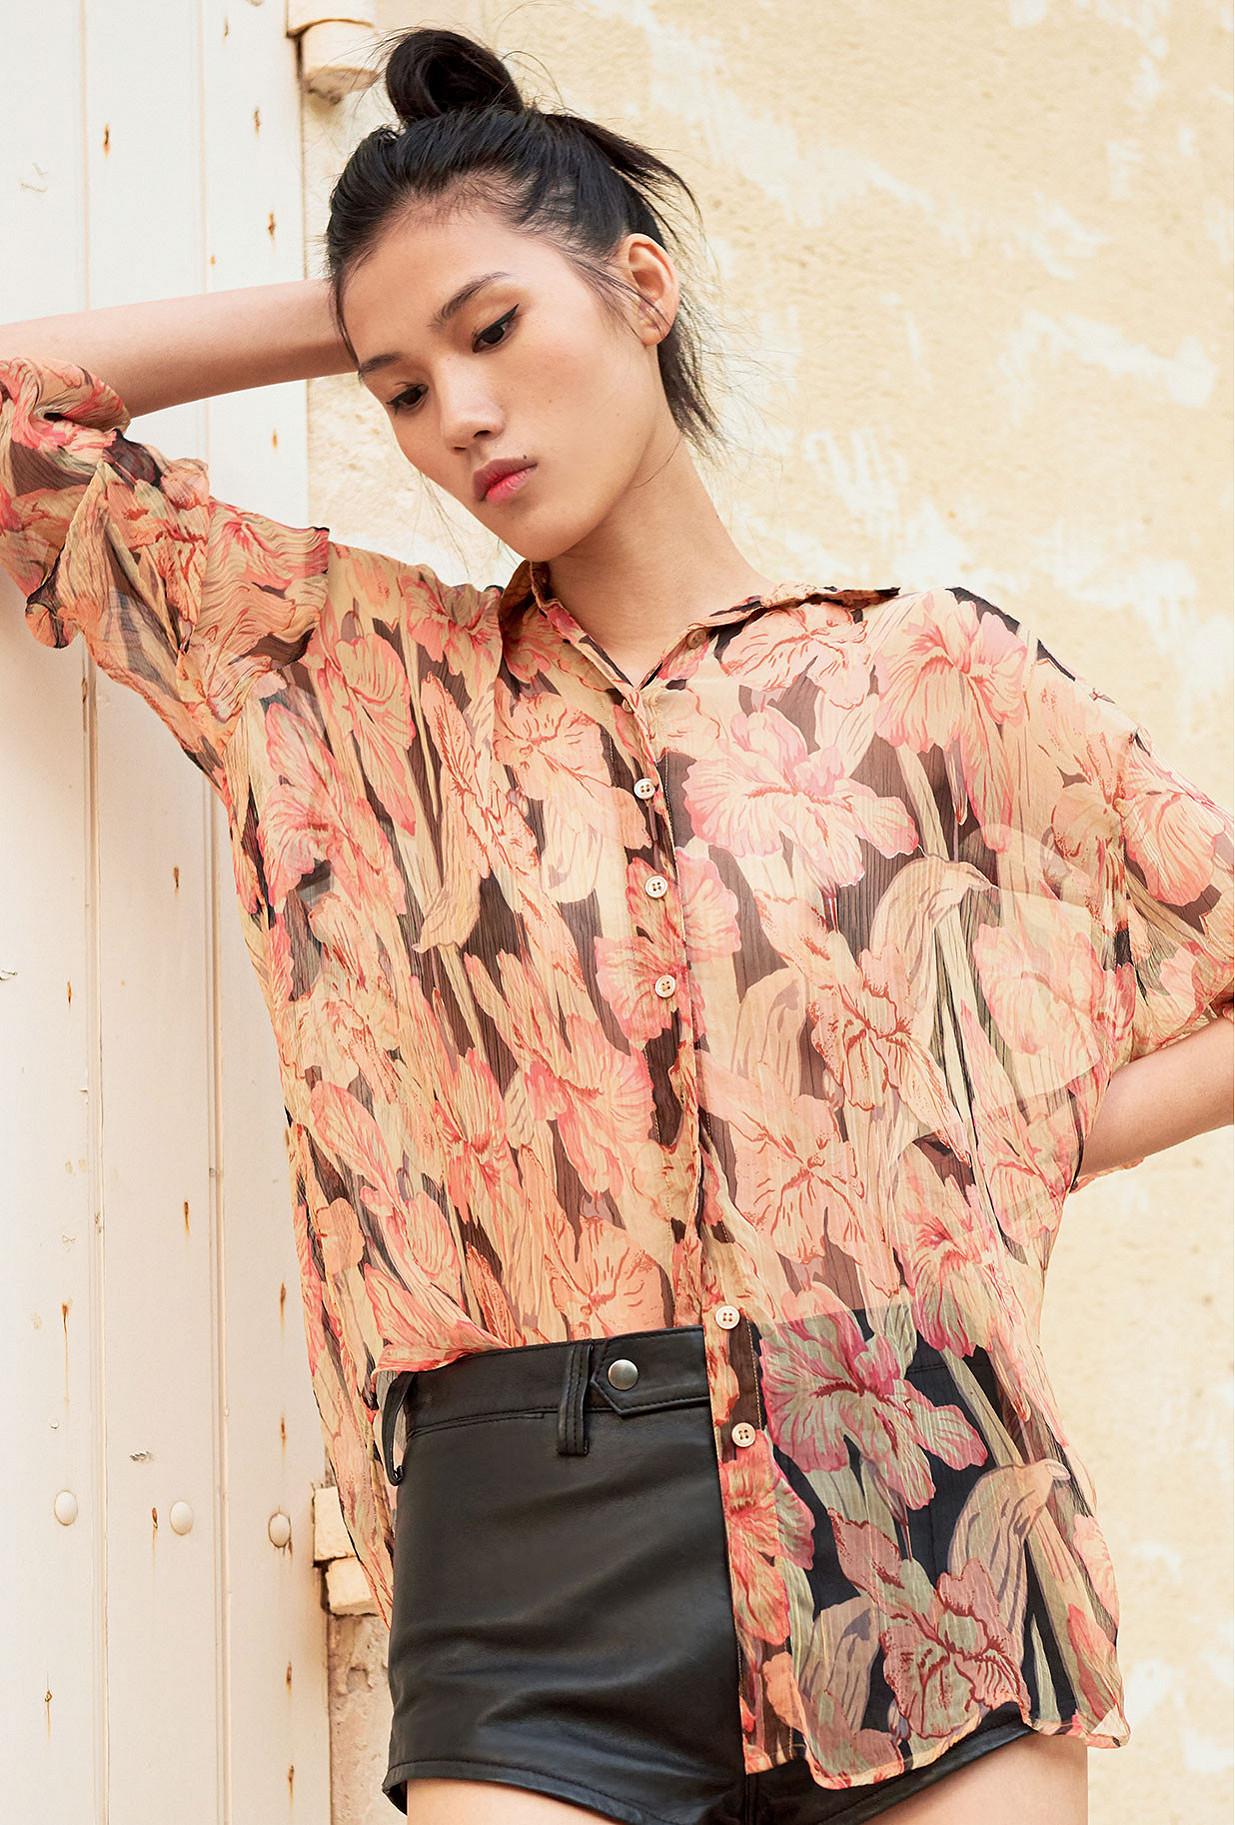 Floral print Shirt Chicory Mes Demoiselles Paris